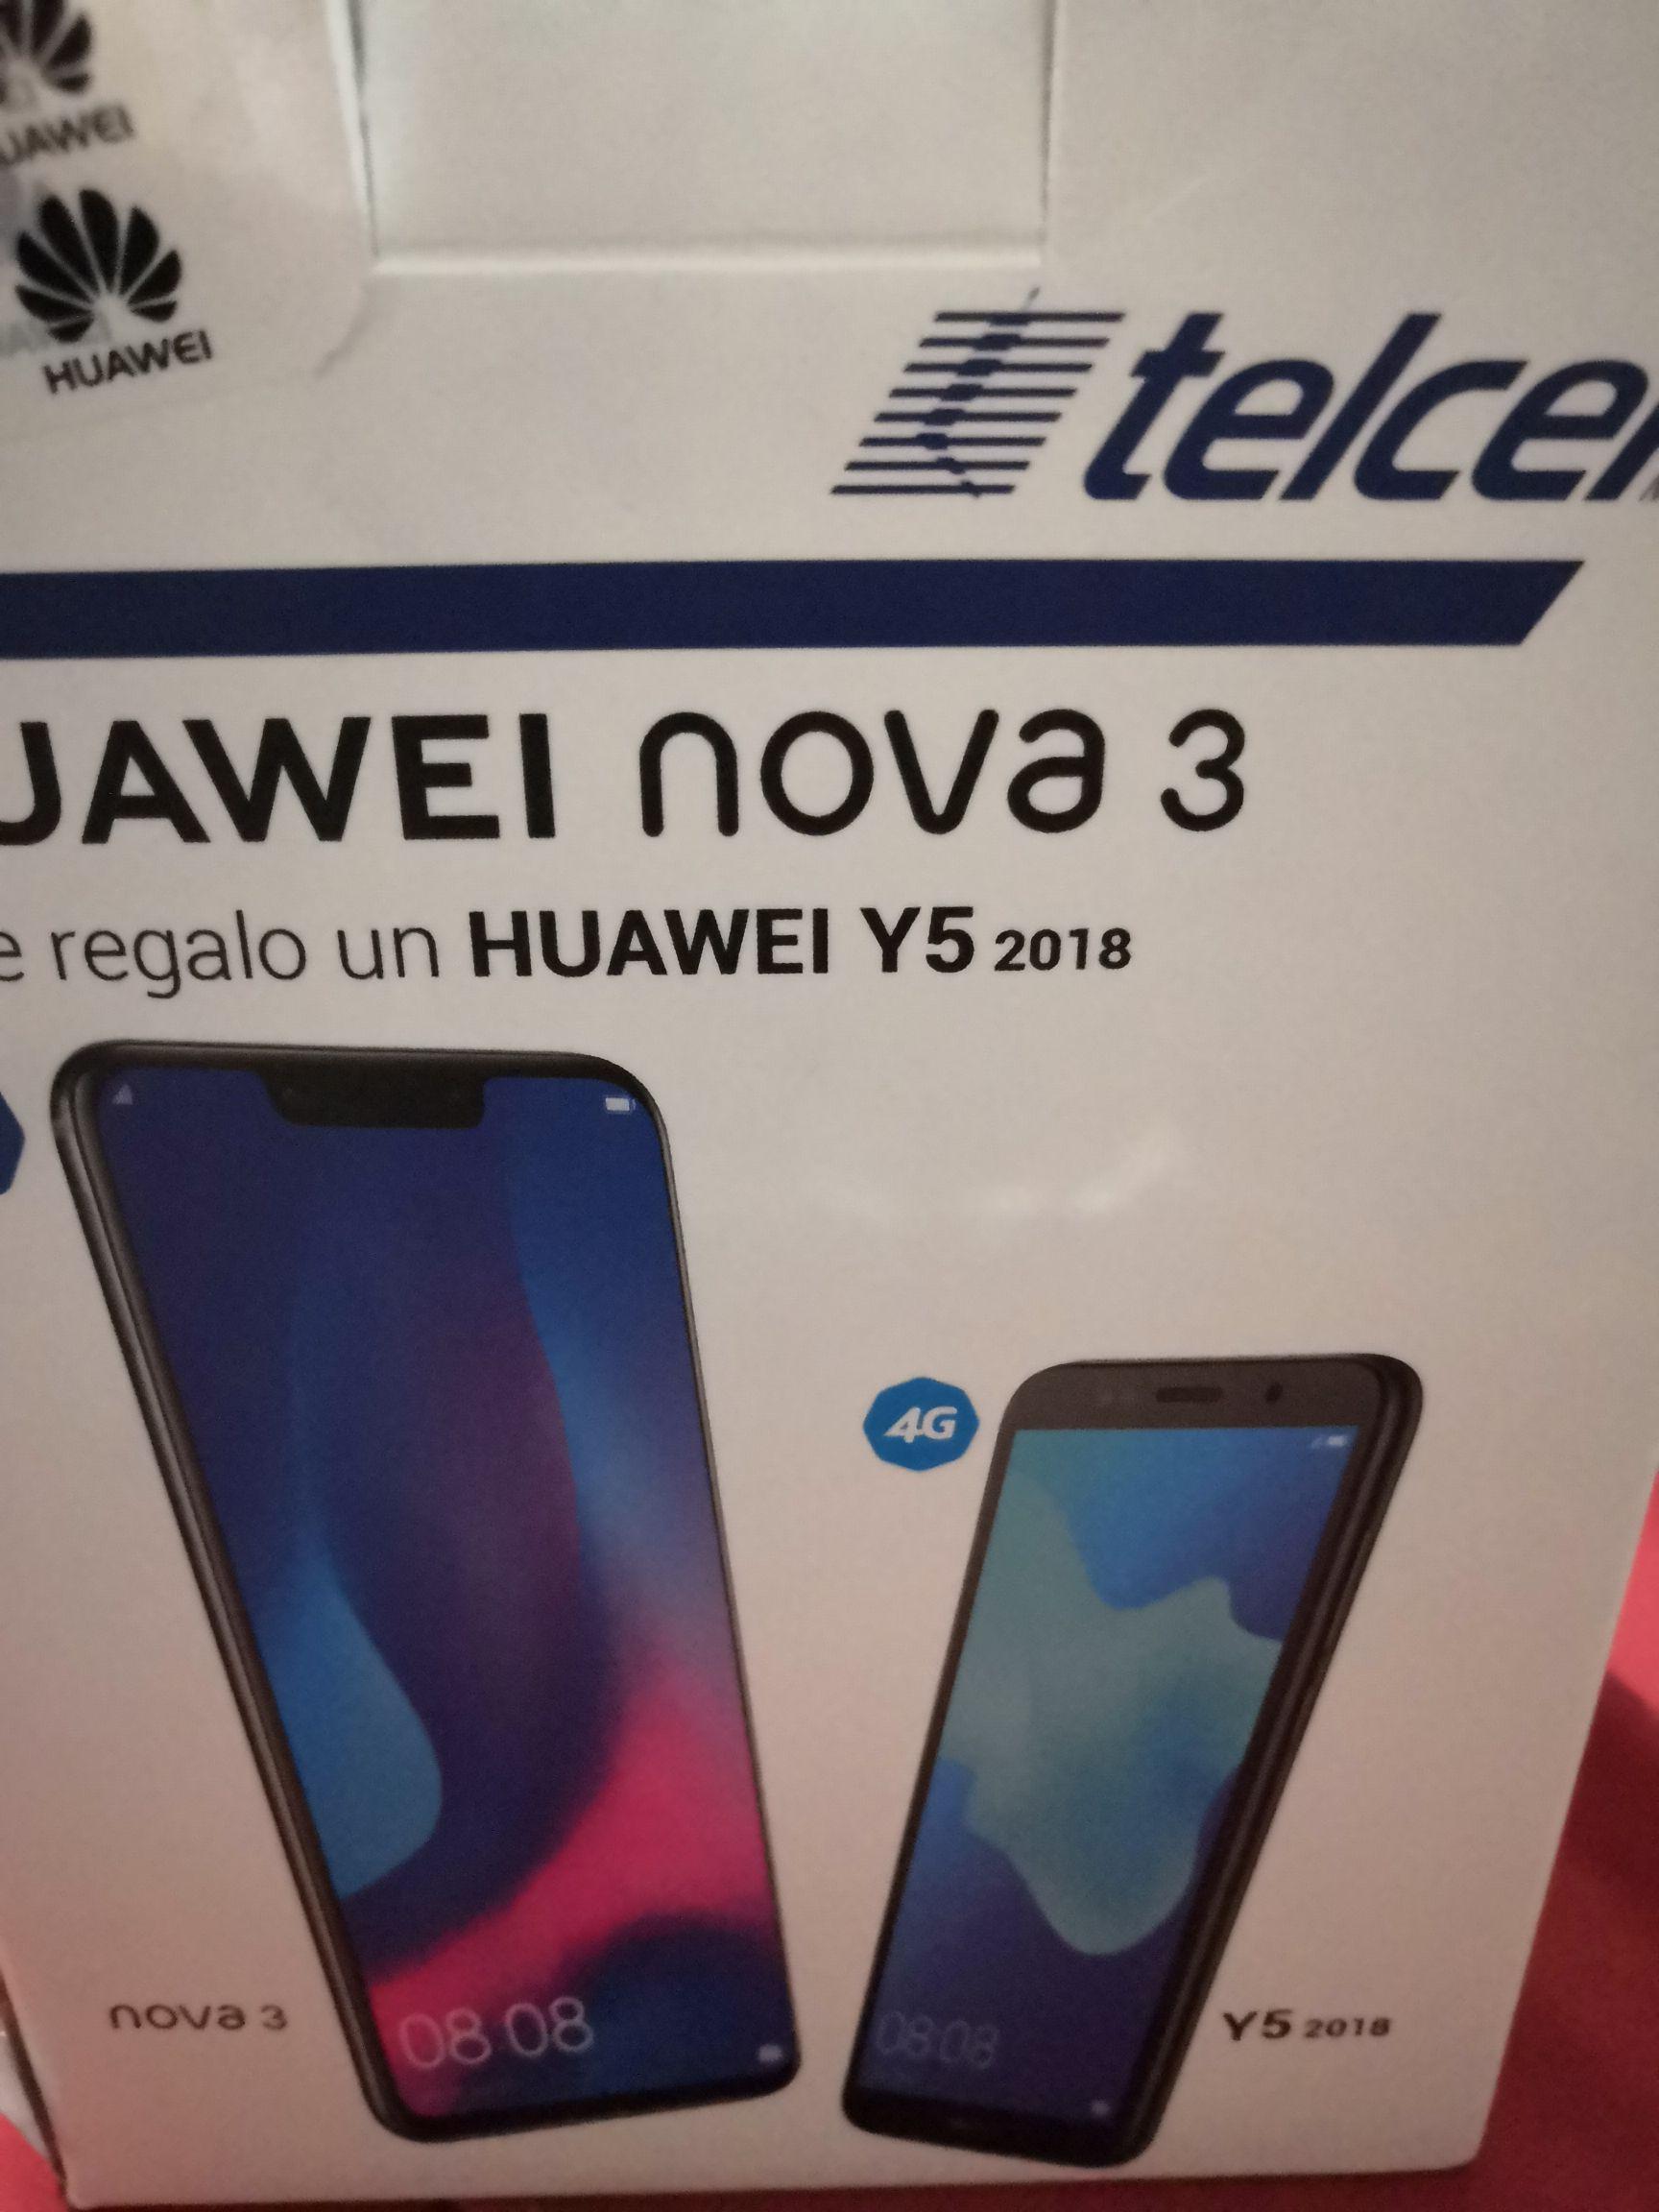 Telcel Oblatos Guadalajara: Huawei Nova 3 mas Y5 2018 de regalo en plan de $249 a plazo de 18 meses